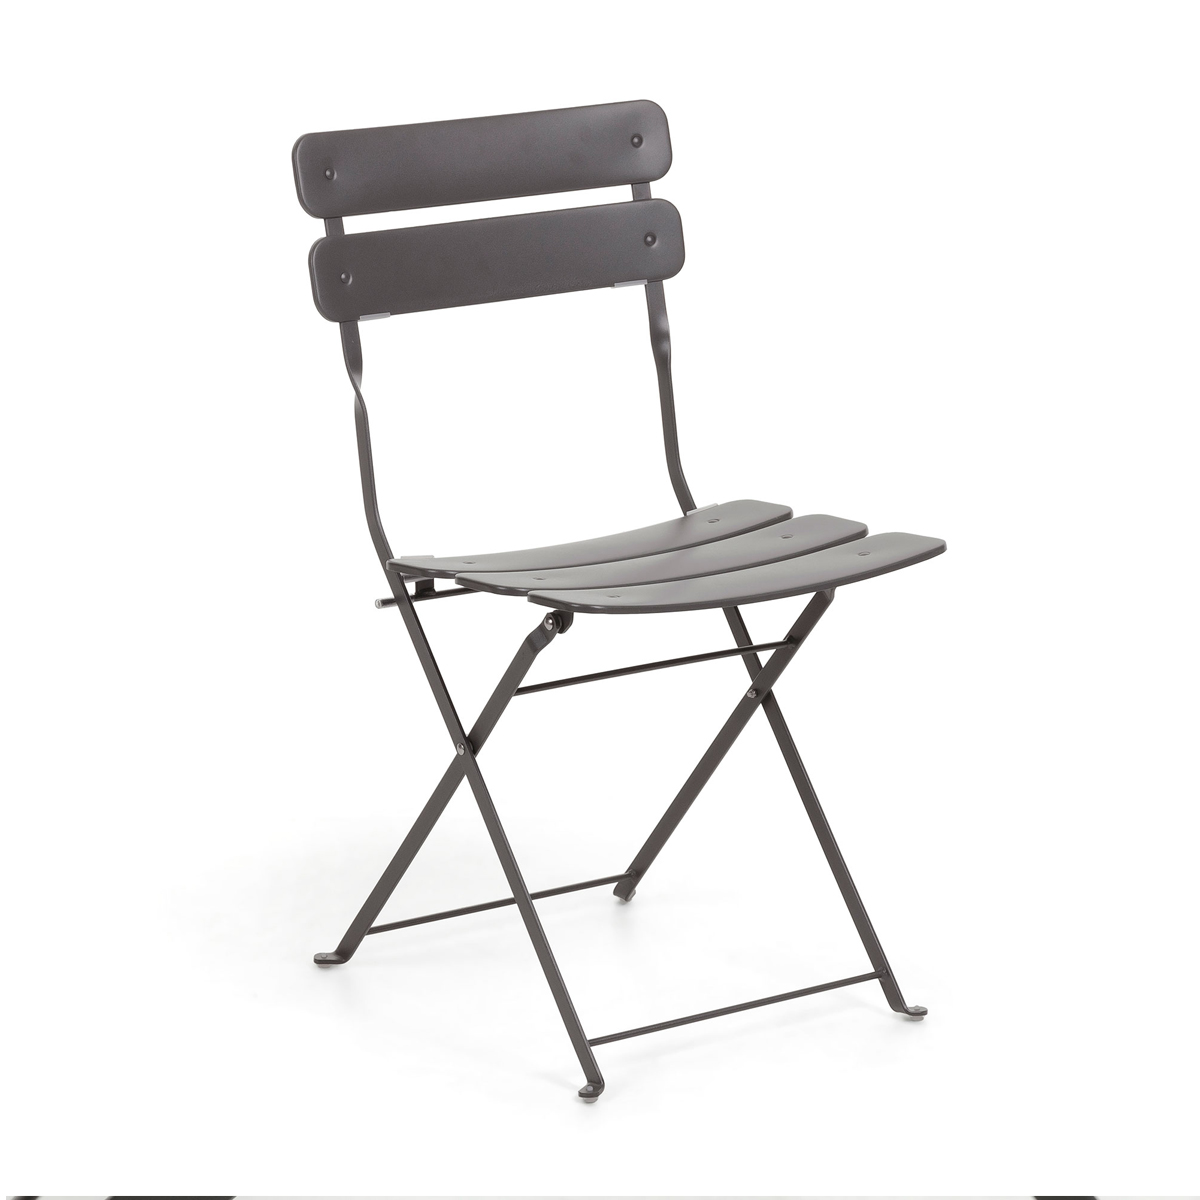 Chaise square en acier peint - Gris - 81 x 49 cm